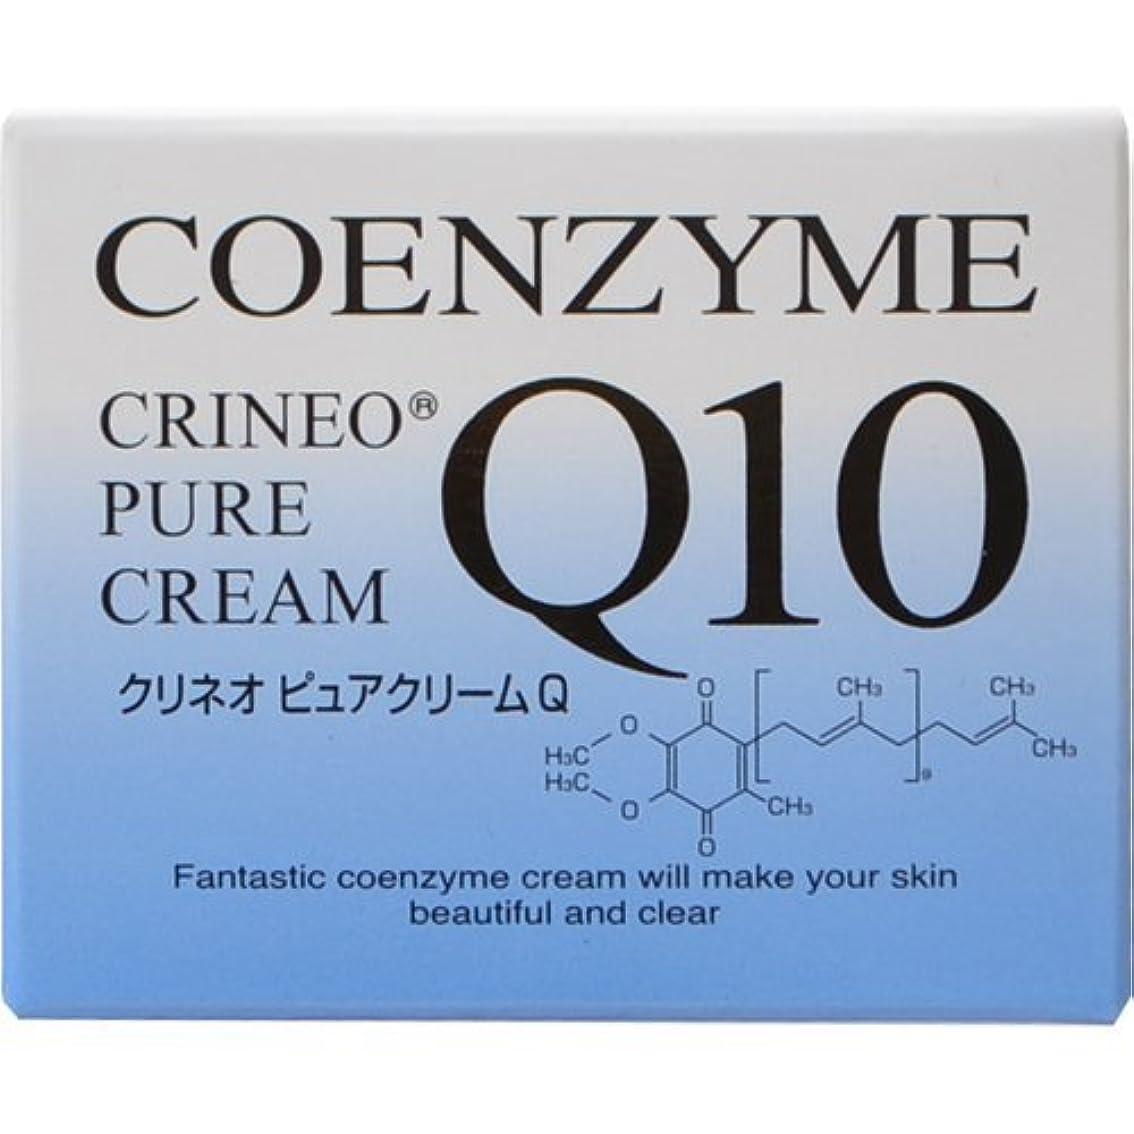 保安辛なつらいクリネオ ピュアクリームQ コエンザイムQ10を配合した浸透型の保湿クリーム